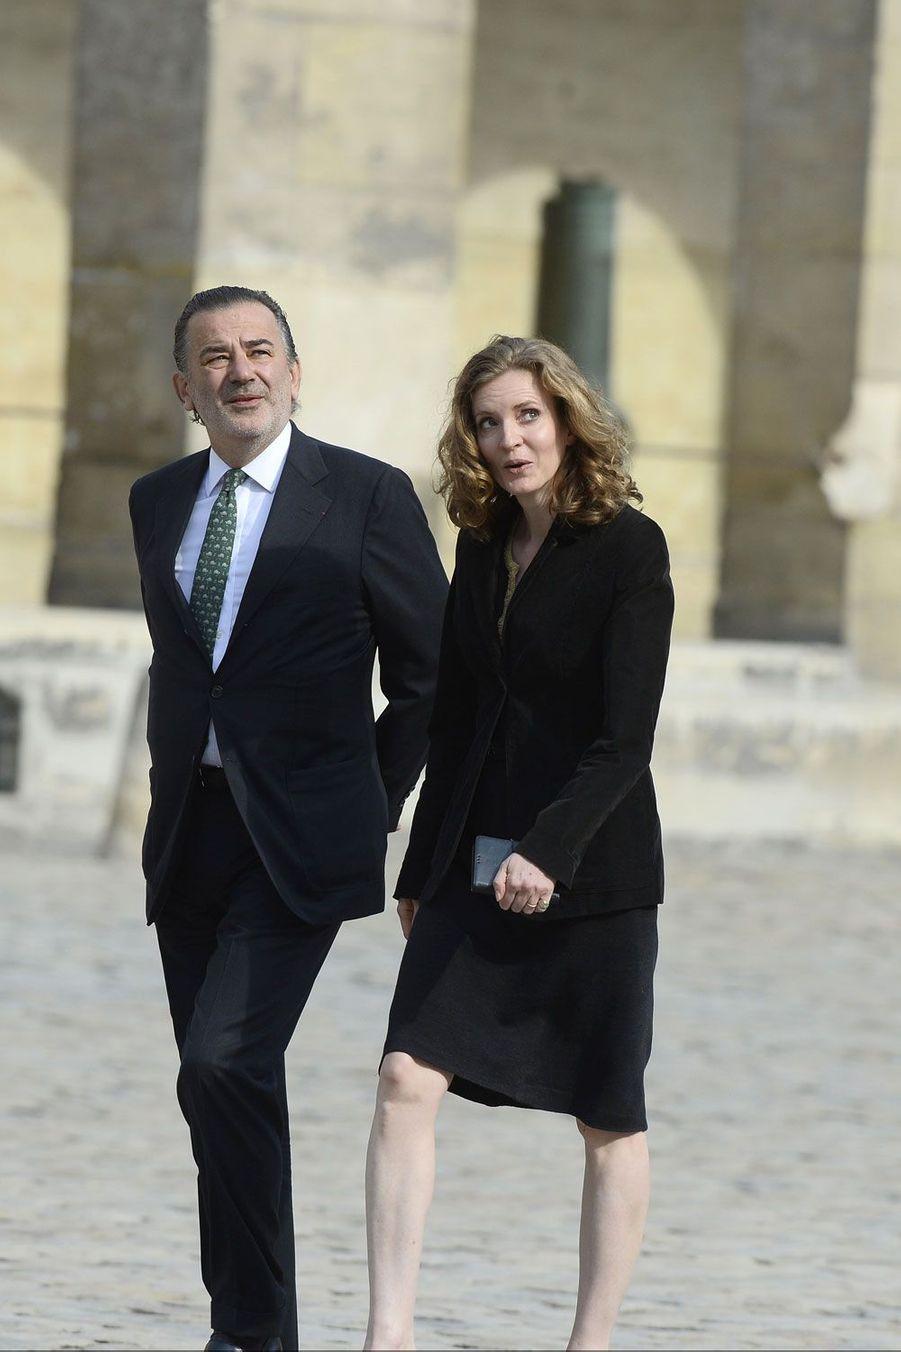 Le maire du Ier arrondissement de Paris, Jean-François Legaret et la députée Nathalie Kosciusko-Morizet